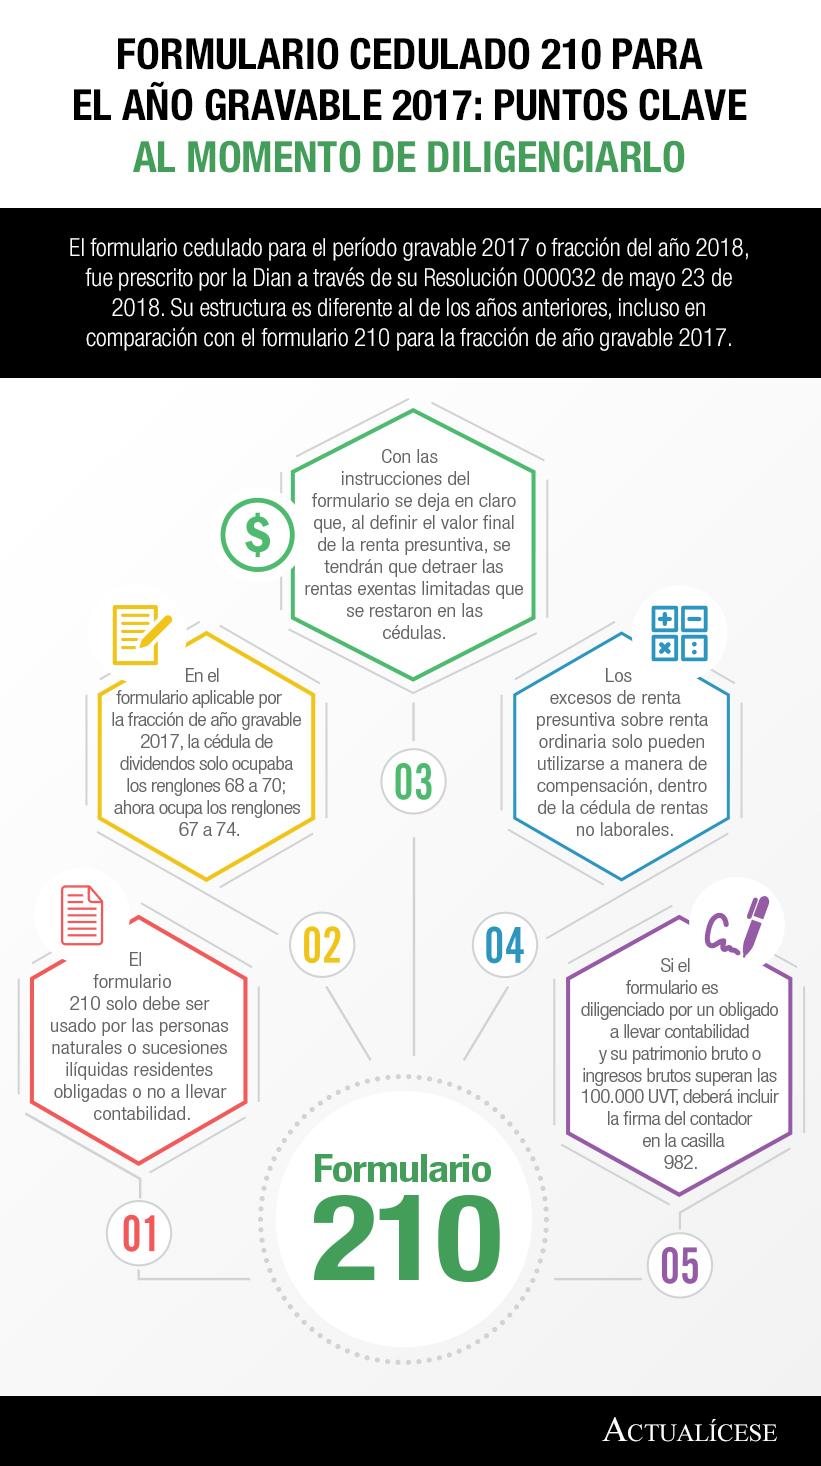 [Infografía] Formulario cedulado 210 para el año gravable 2017: puntos clave al momento de diligenciarlo